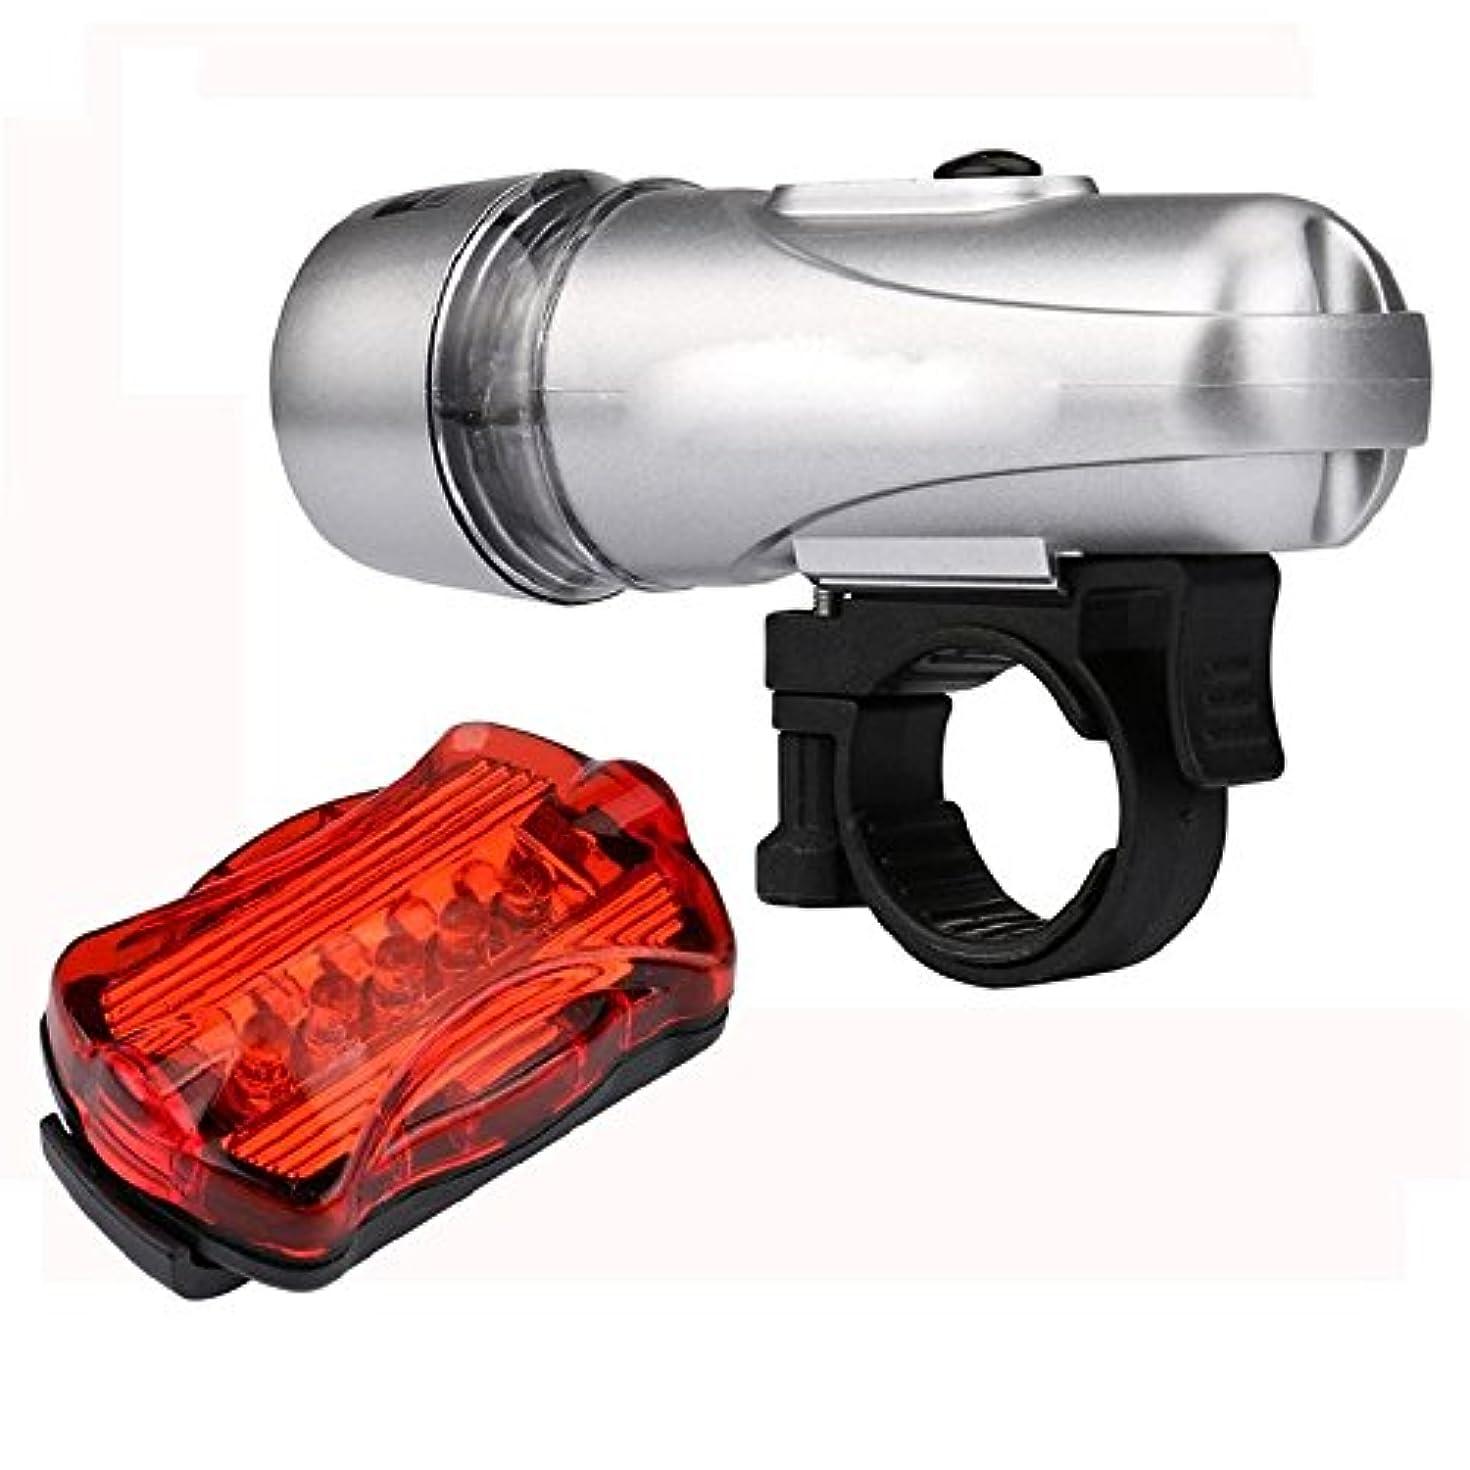 天教育するオーブンUSB充電式自転車ライト マウンテンバイクライドヘッドライトテールライト-LED自転車1ヘッドライト1テールライトロードバイクヘッドライト (色 : 銀)